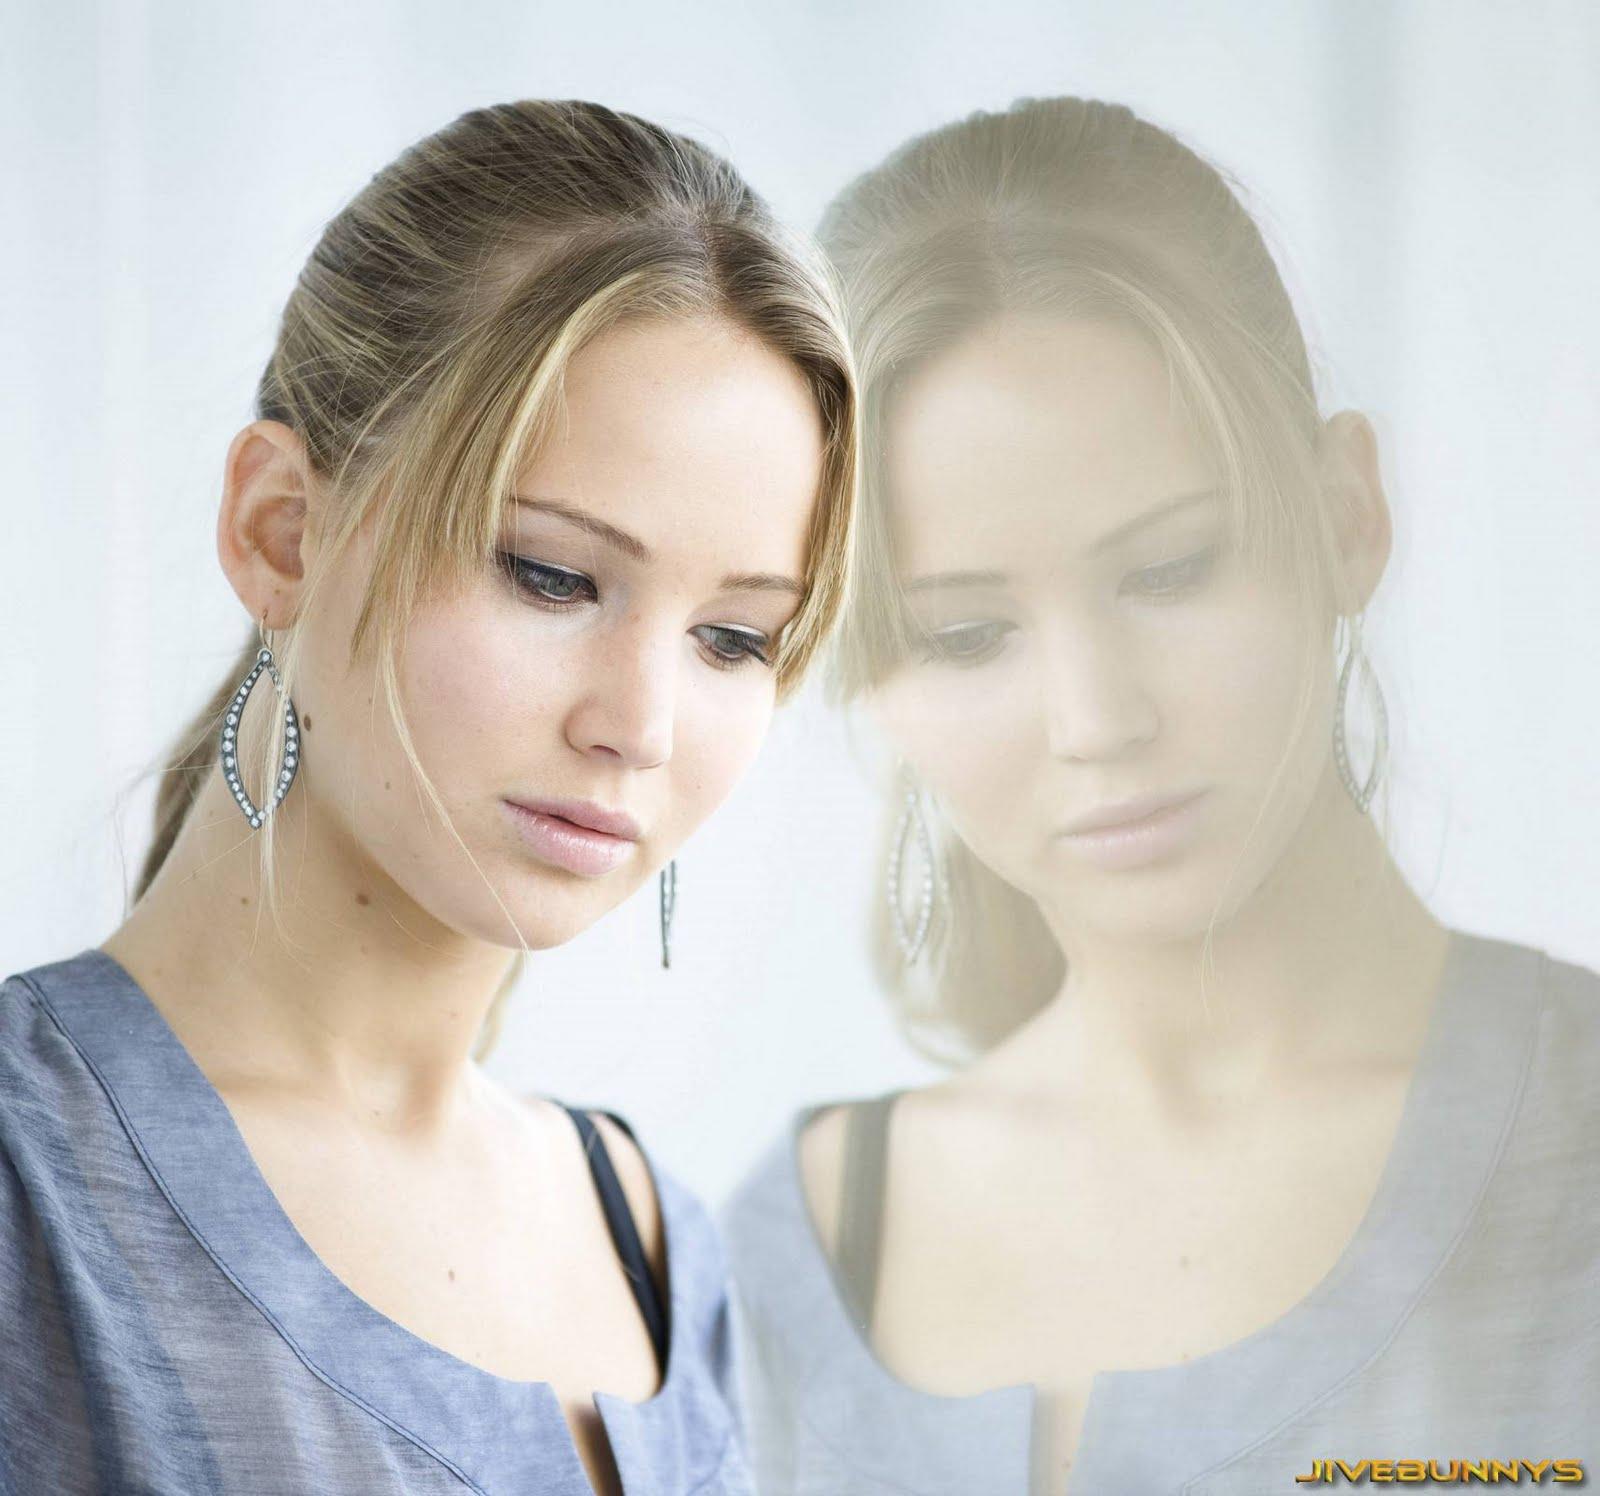 http://1.bp.blogspot.com/-z0UPh02LPOw/T2oQy-xjiZI/AAAAAAAABak/cf9a_zdXCxw/s1600/jennifer-lawrence-actress-celebrity64.jpg